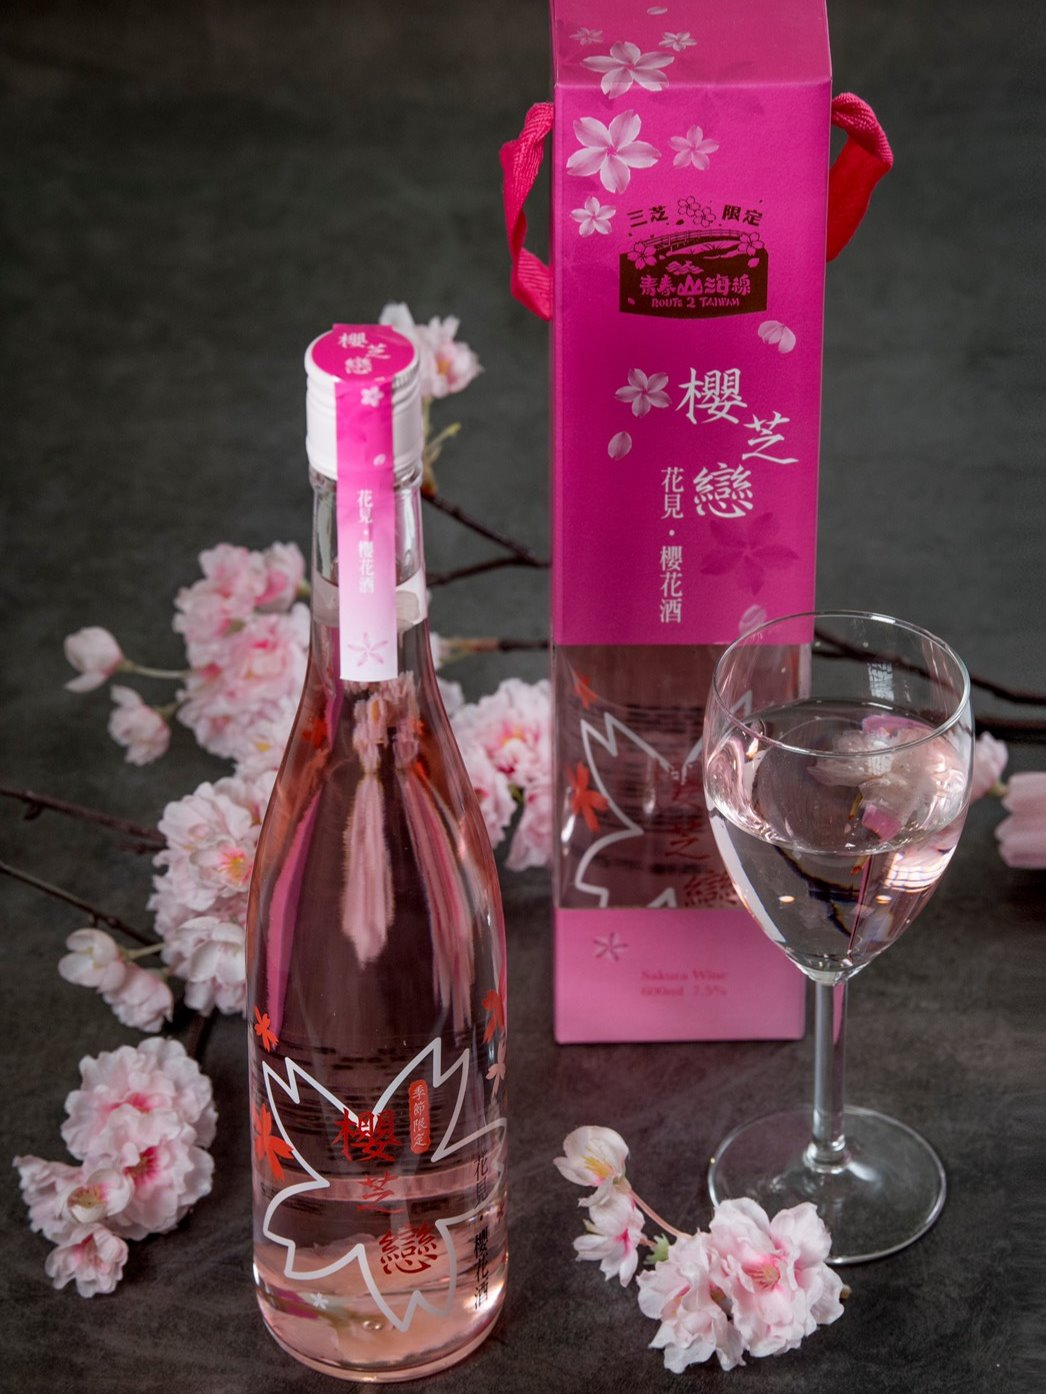 二號倉庫-櫻花酒